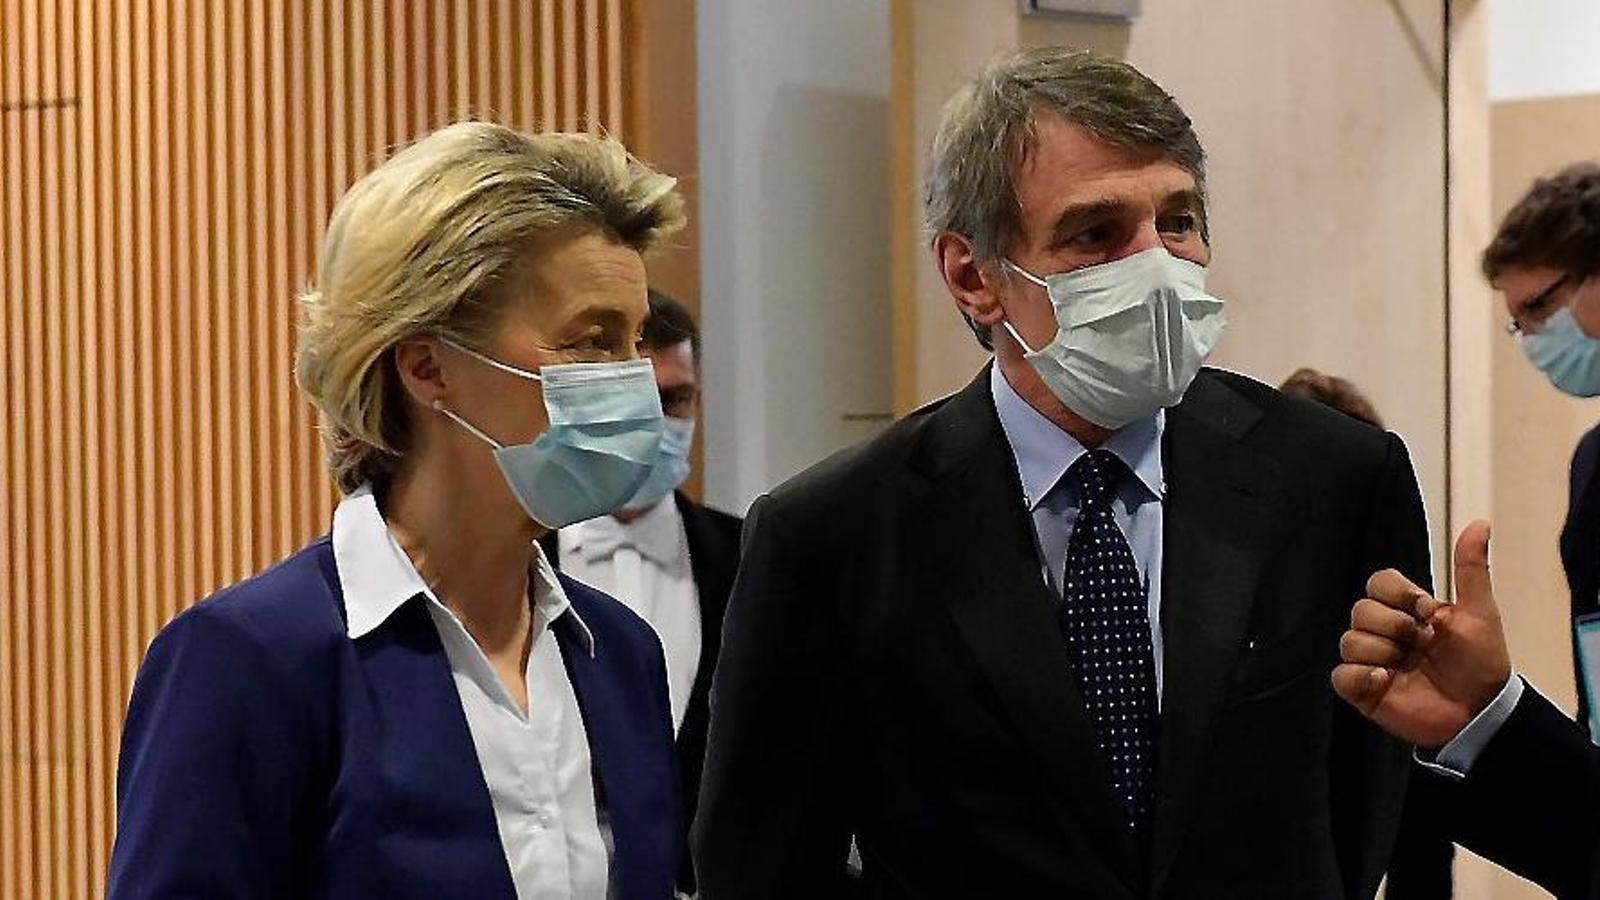 La presidenta de la Comissió Europea, Ursula von der Leyen; el president del Parlament Europeu, David Sassoli, i el president portuguès, António Costa.